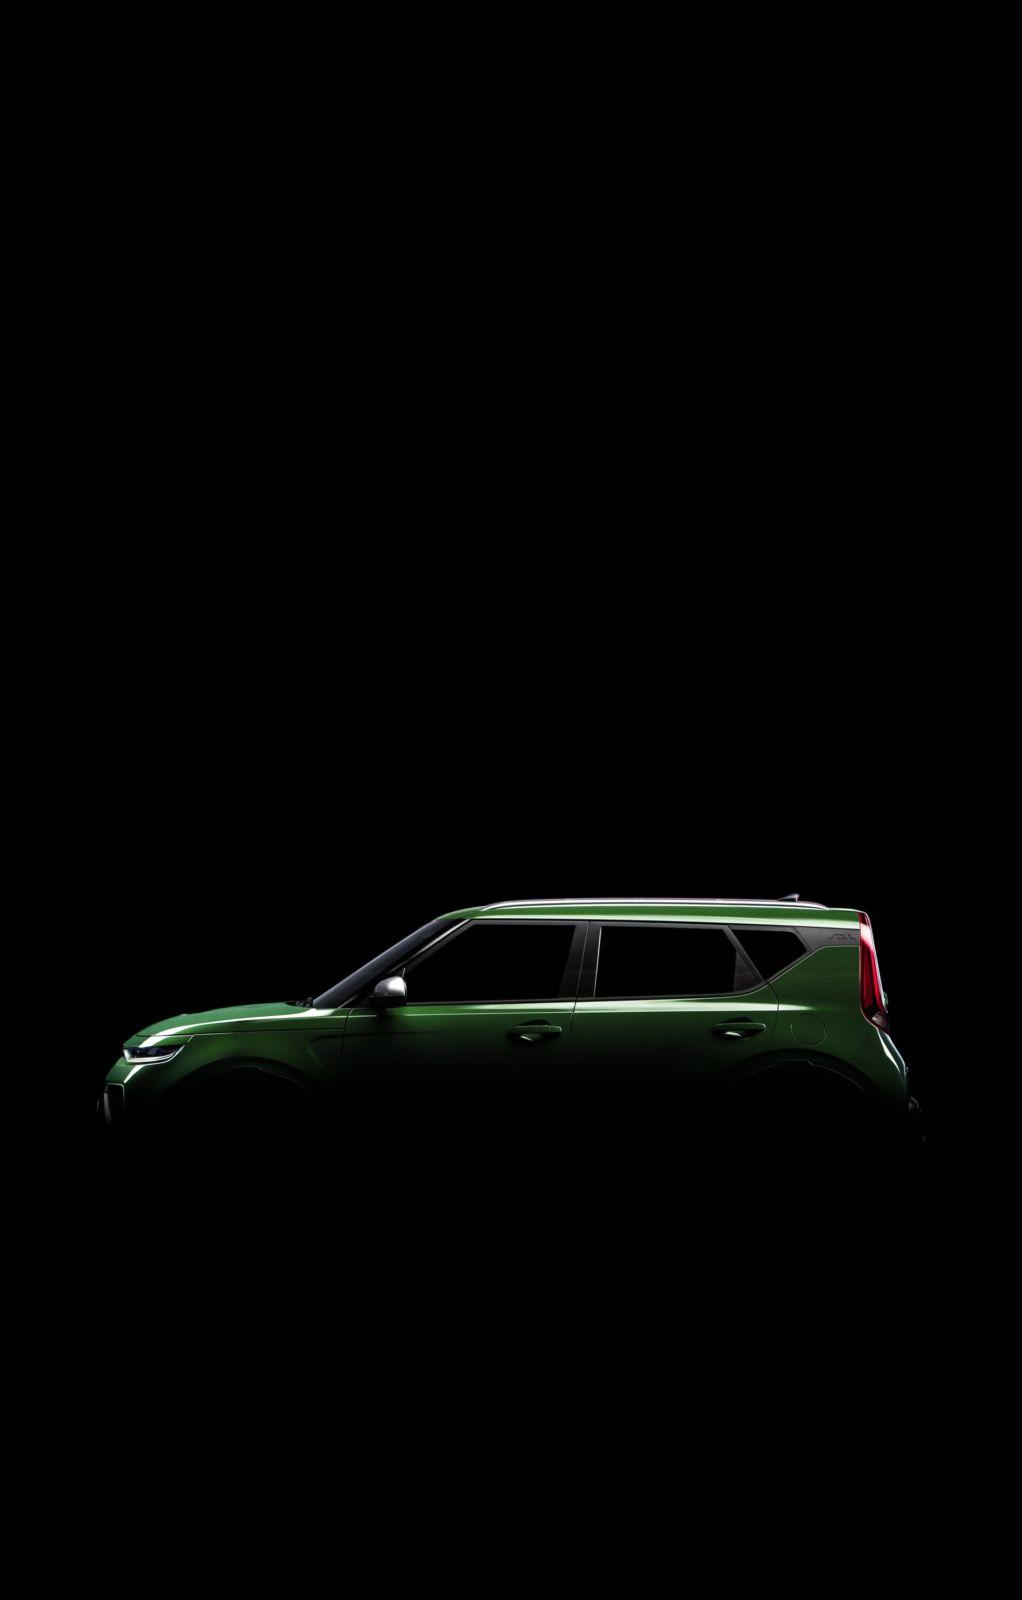 O novo Kia Soul 2020 será apresentado no Salão de Los Angeles, mas a Kia já divulgou algumas imagens para indicar o que vem por aí.